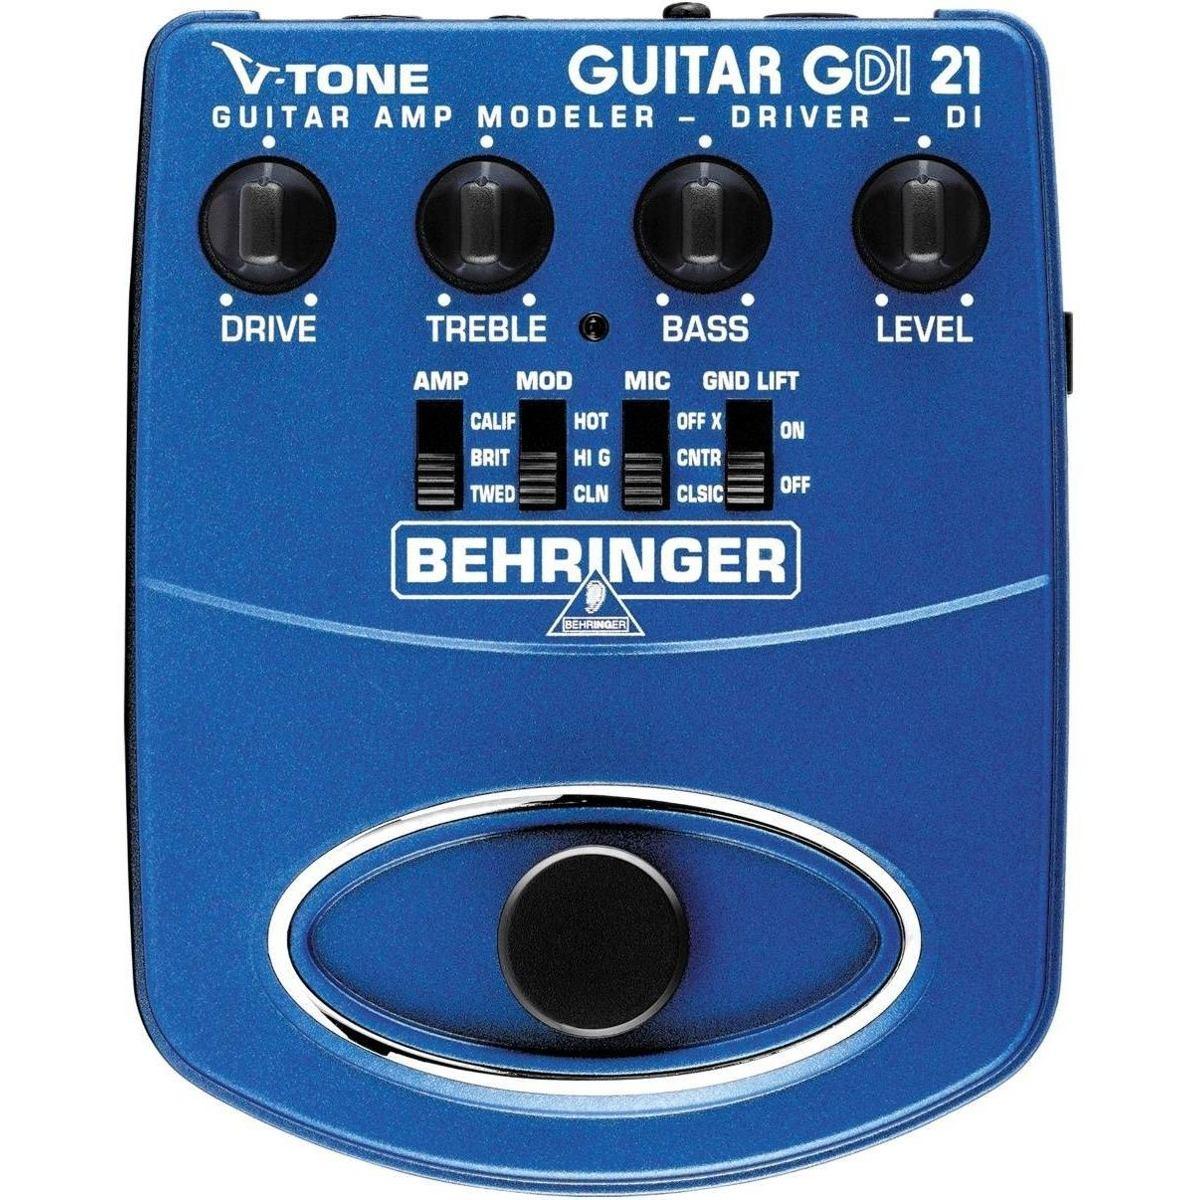 Behringer GDI21